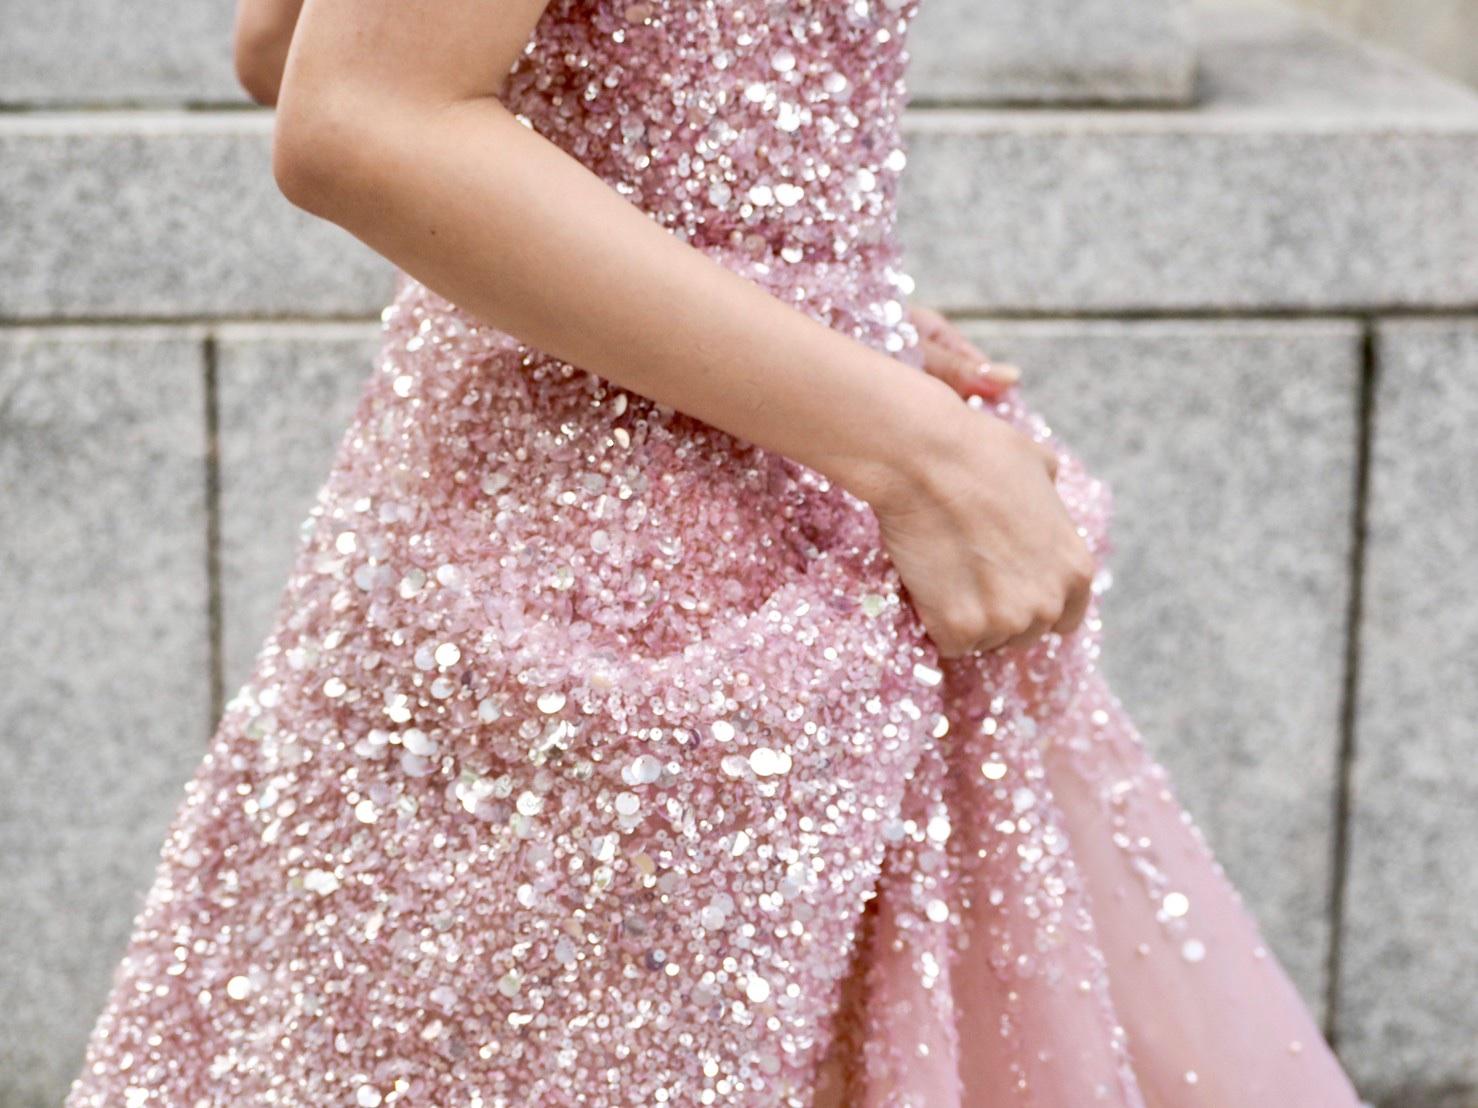 ザトリートドレッシング神戸店にてお取り扱いのある歩むたびに華やかに煌くリームアクラのカラードレスのご紹介